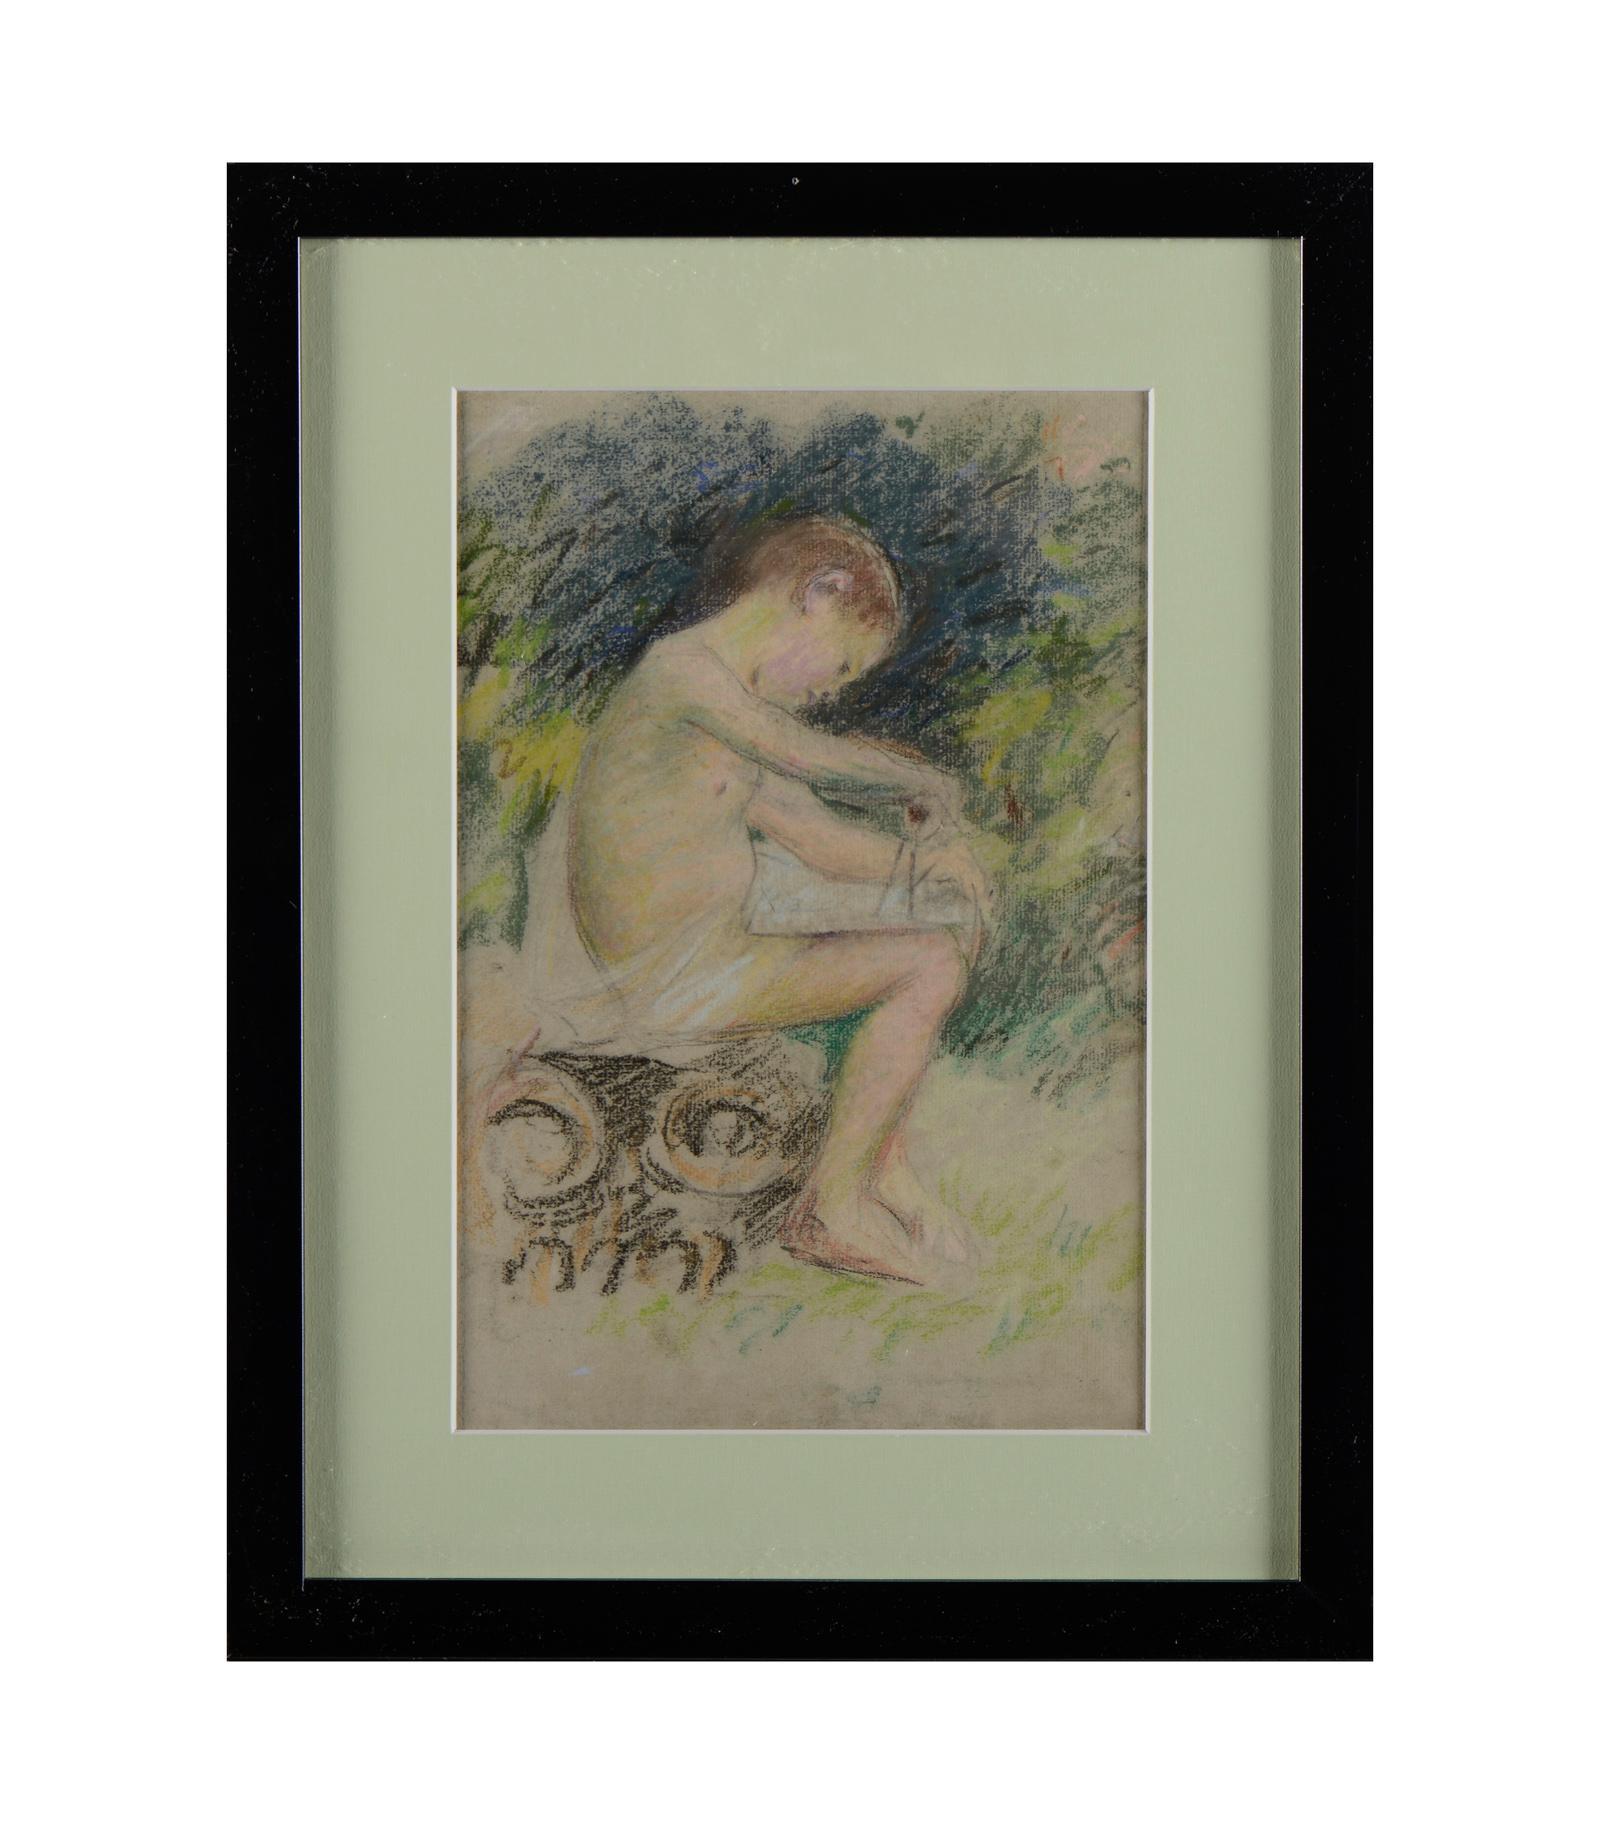 SOUSA PINTO, Pastel sobre papel, 31 x 24 cm.